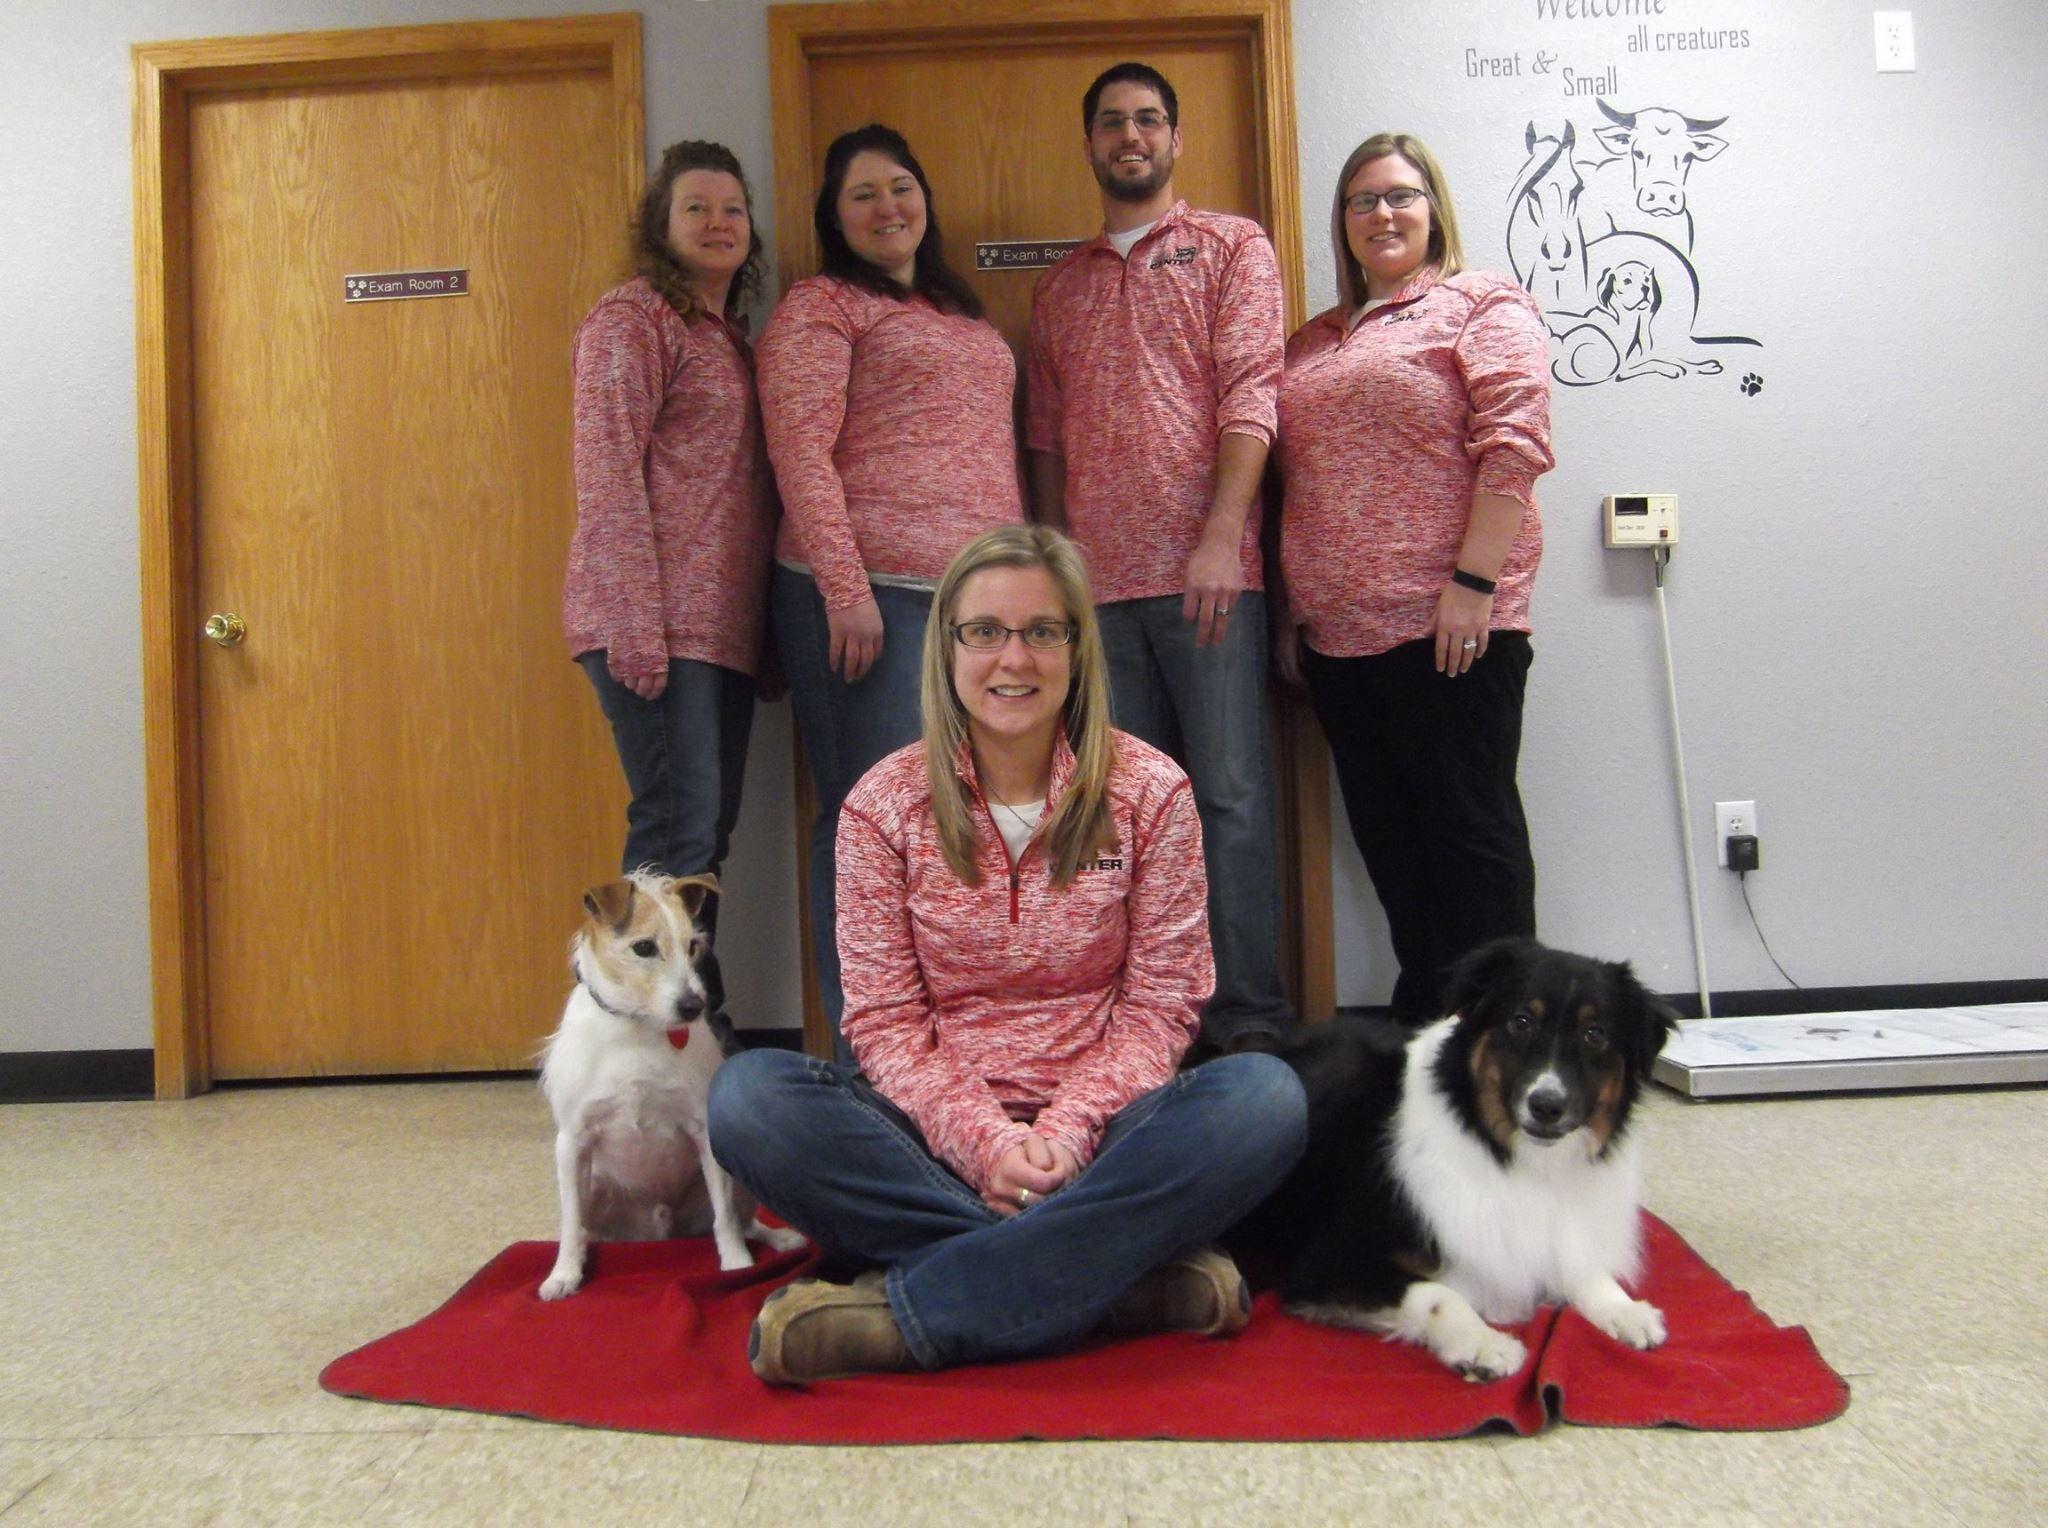 Garver's Animal Health Center image 56